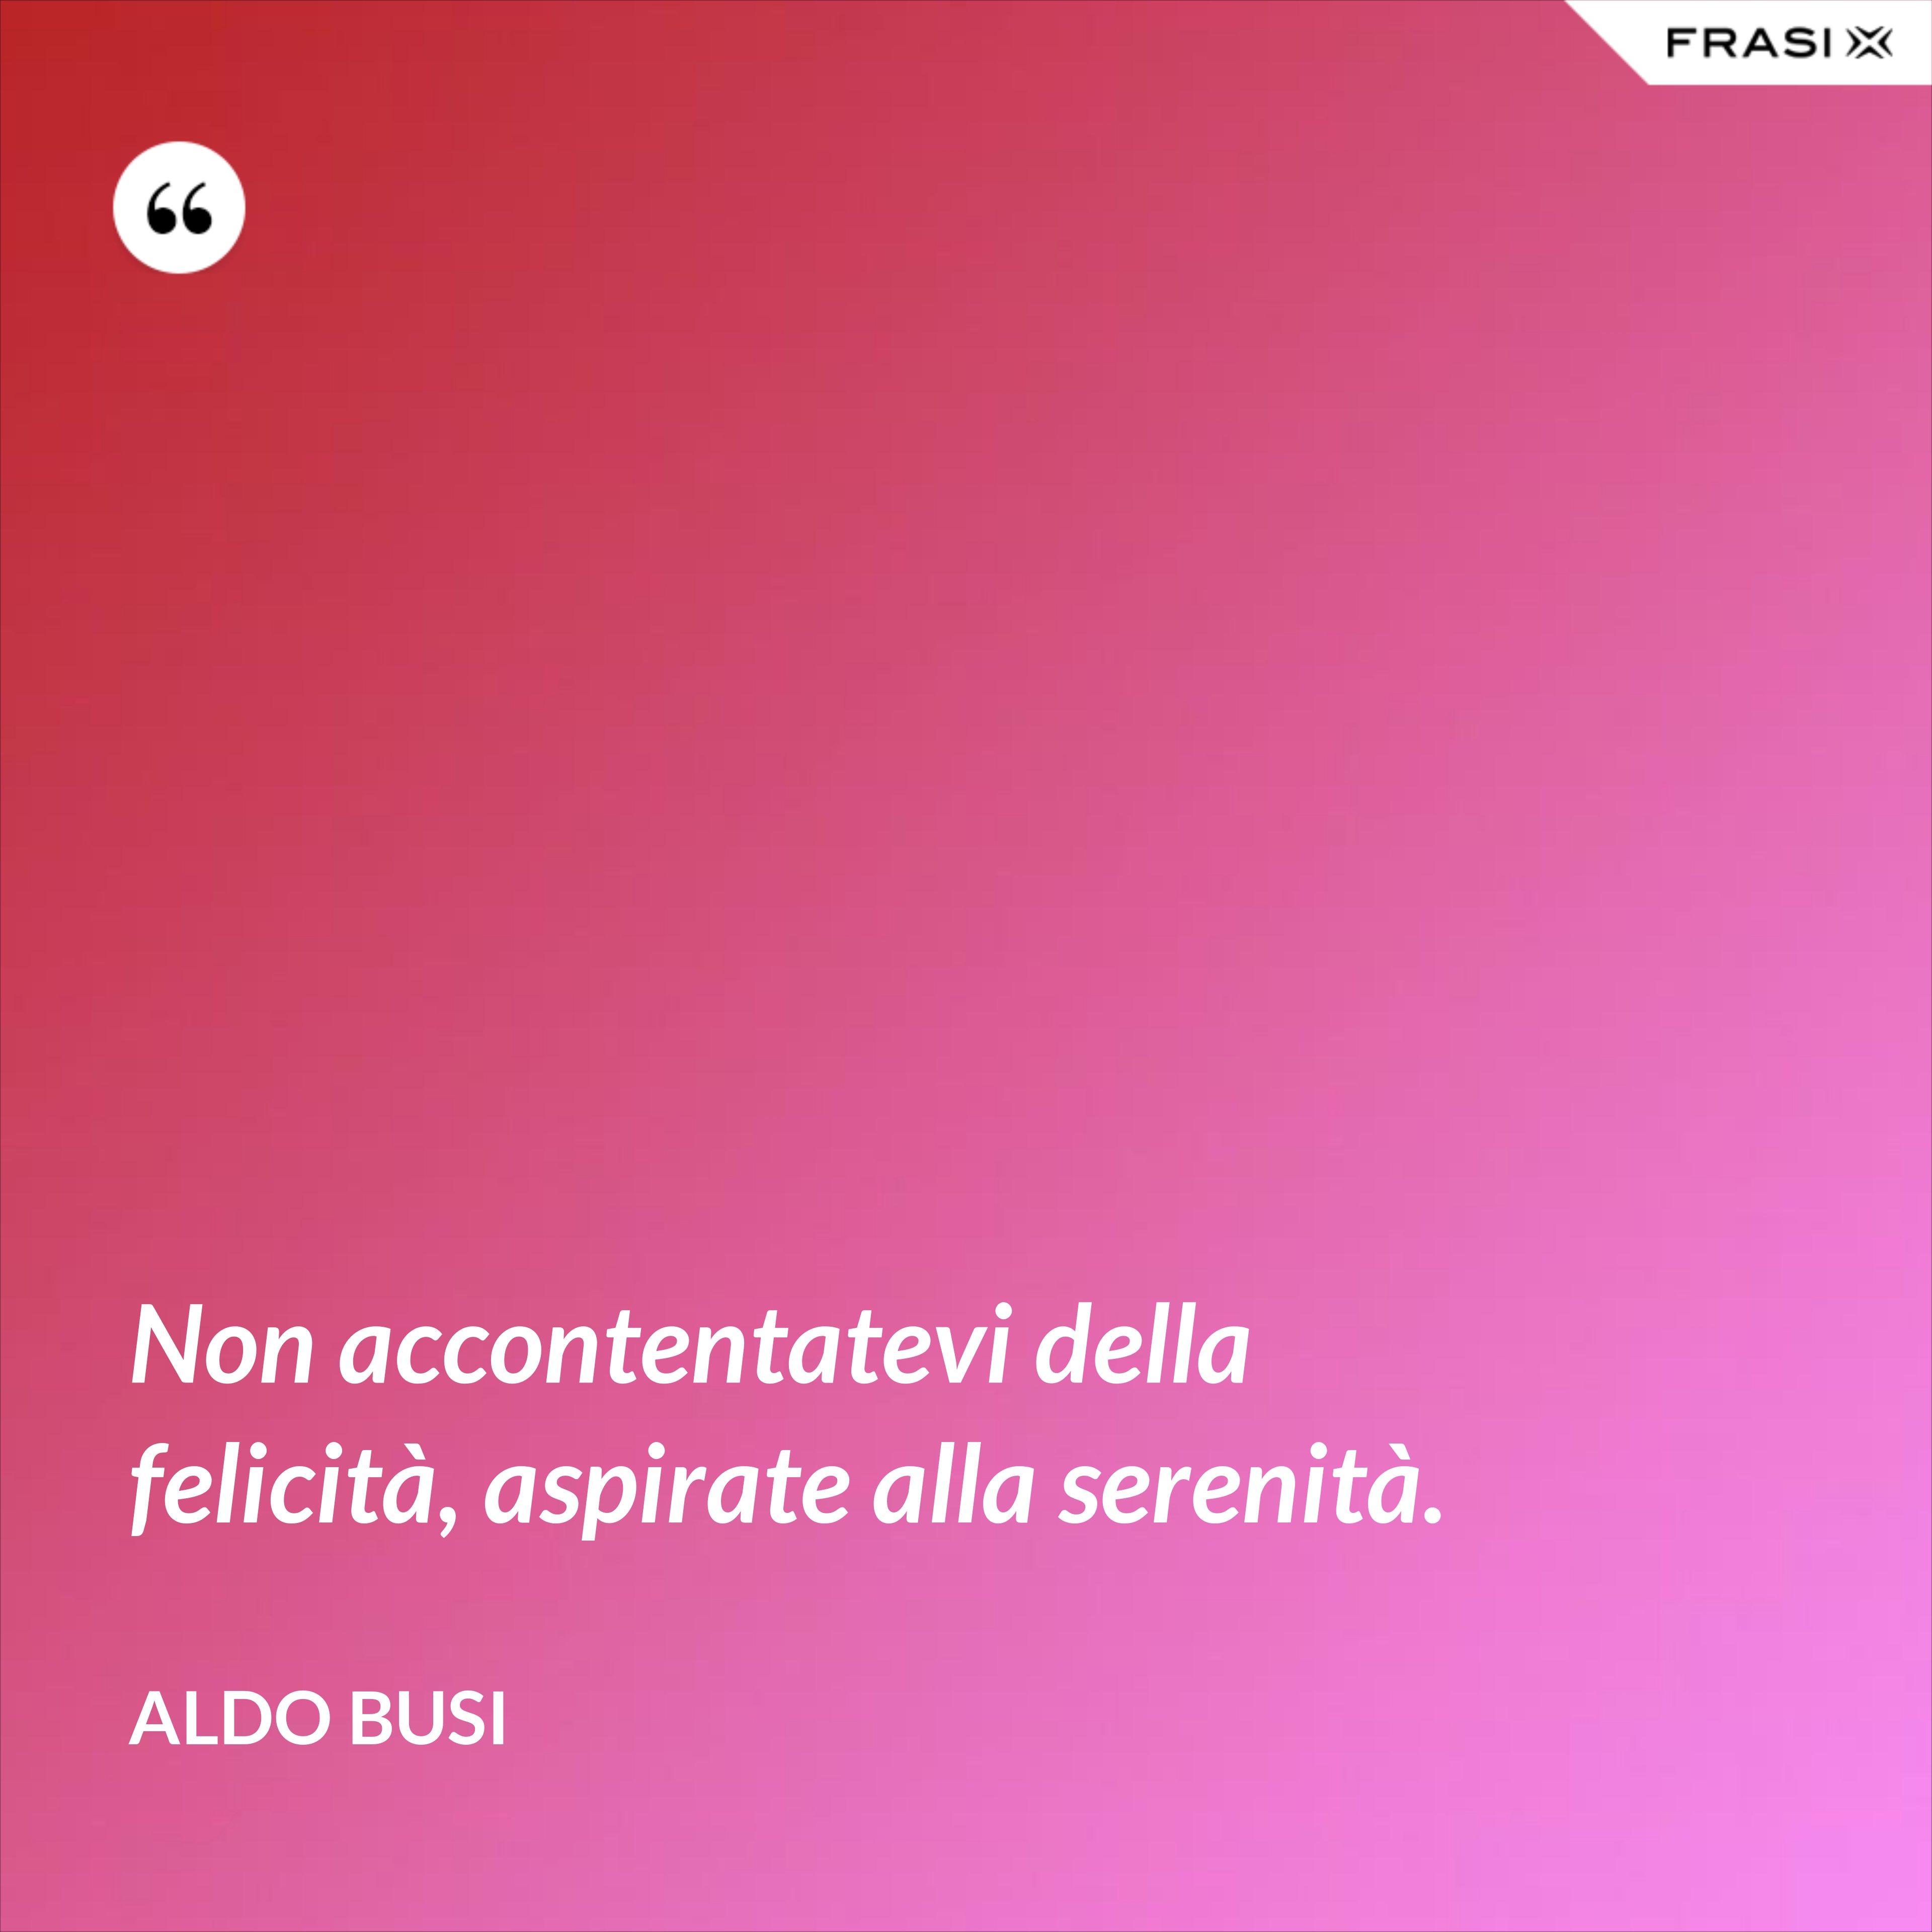 Non accontentatevi della felicità, aspirate alla serenità. - Aldo Busi